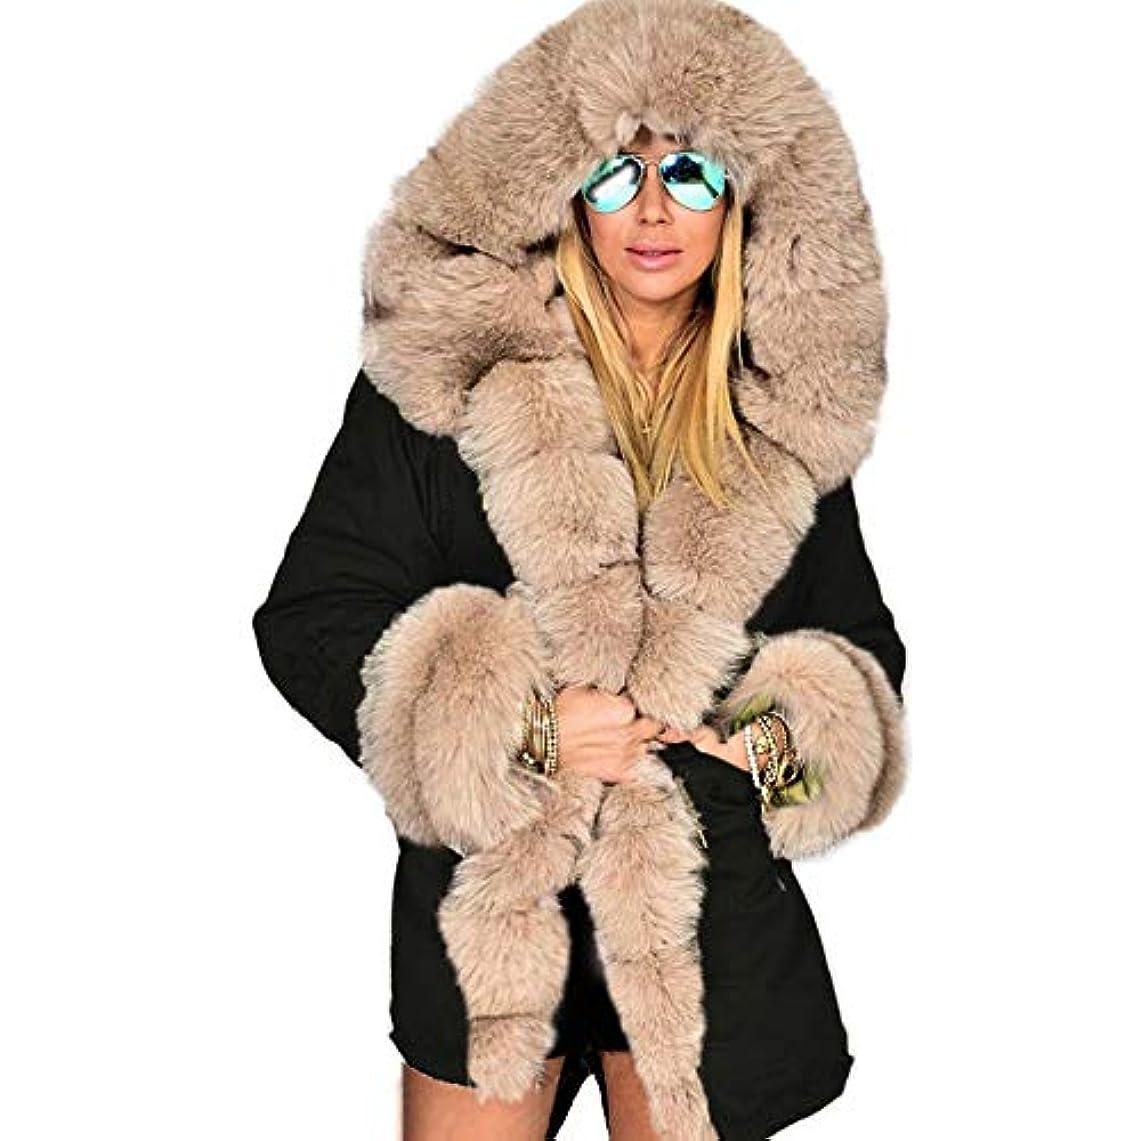 冬ジャケット女性ファッションフードコートフェイクファーカラーコットンフリースウォームコートパーカスパーカープラスサイズロングコート,XXL